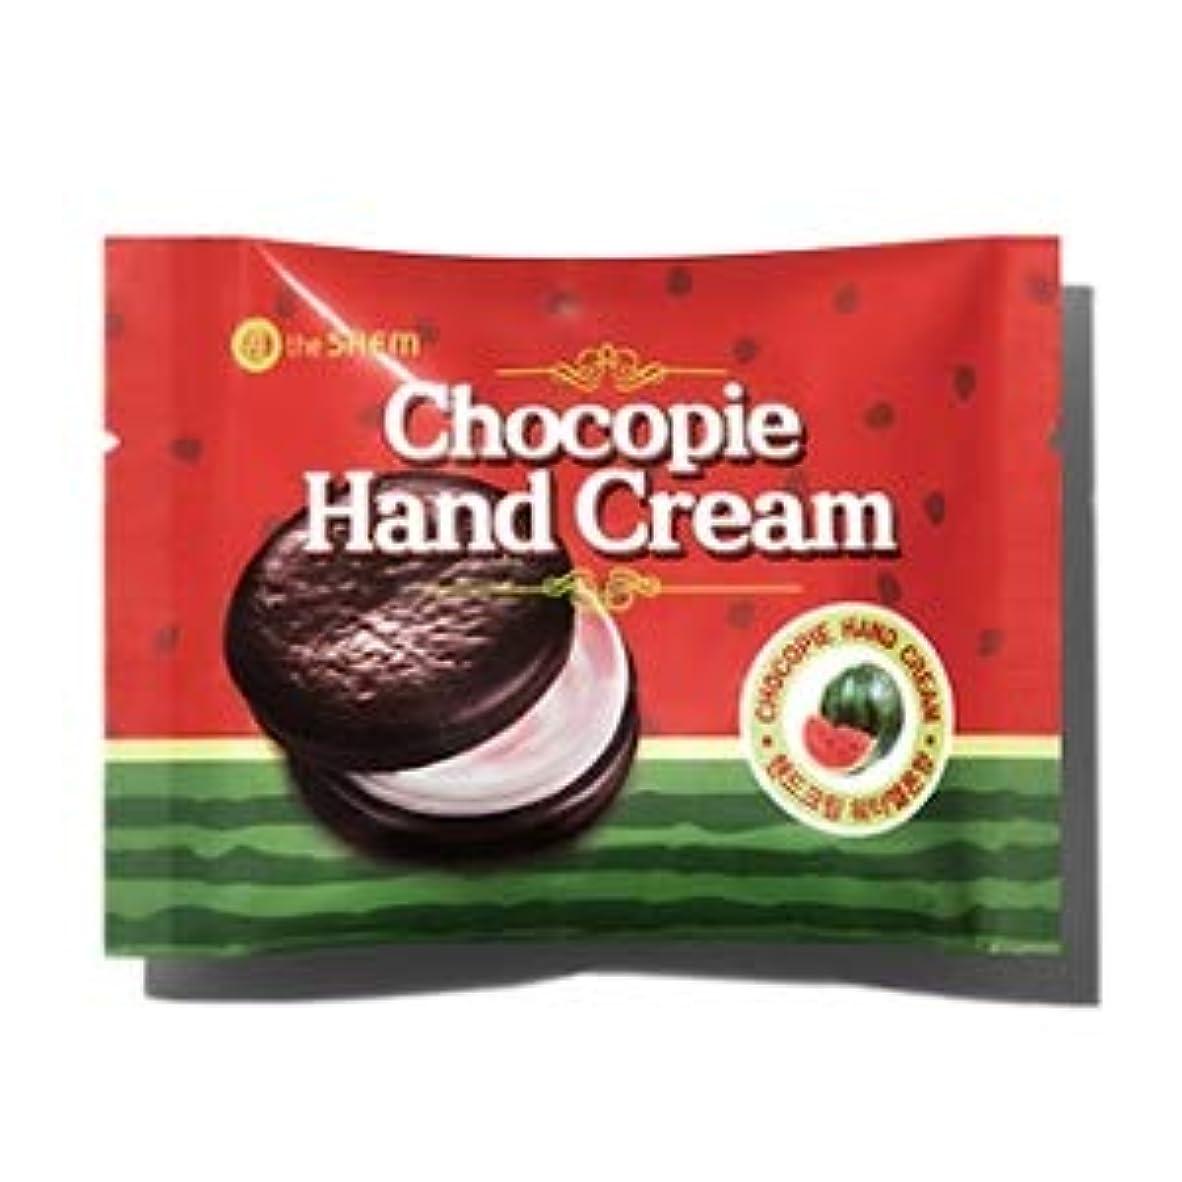 ゴージャス刻む野菜ザセム チョコパイハンドクリーム - スイカ 35ml / The Saem Chocopie Hand Cream -Watermelon 35ml [並行輸入品]